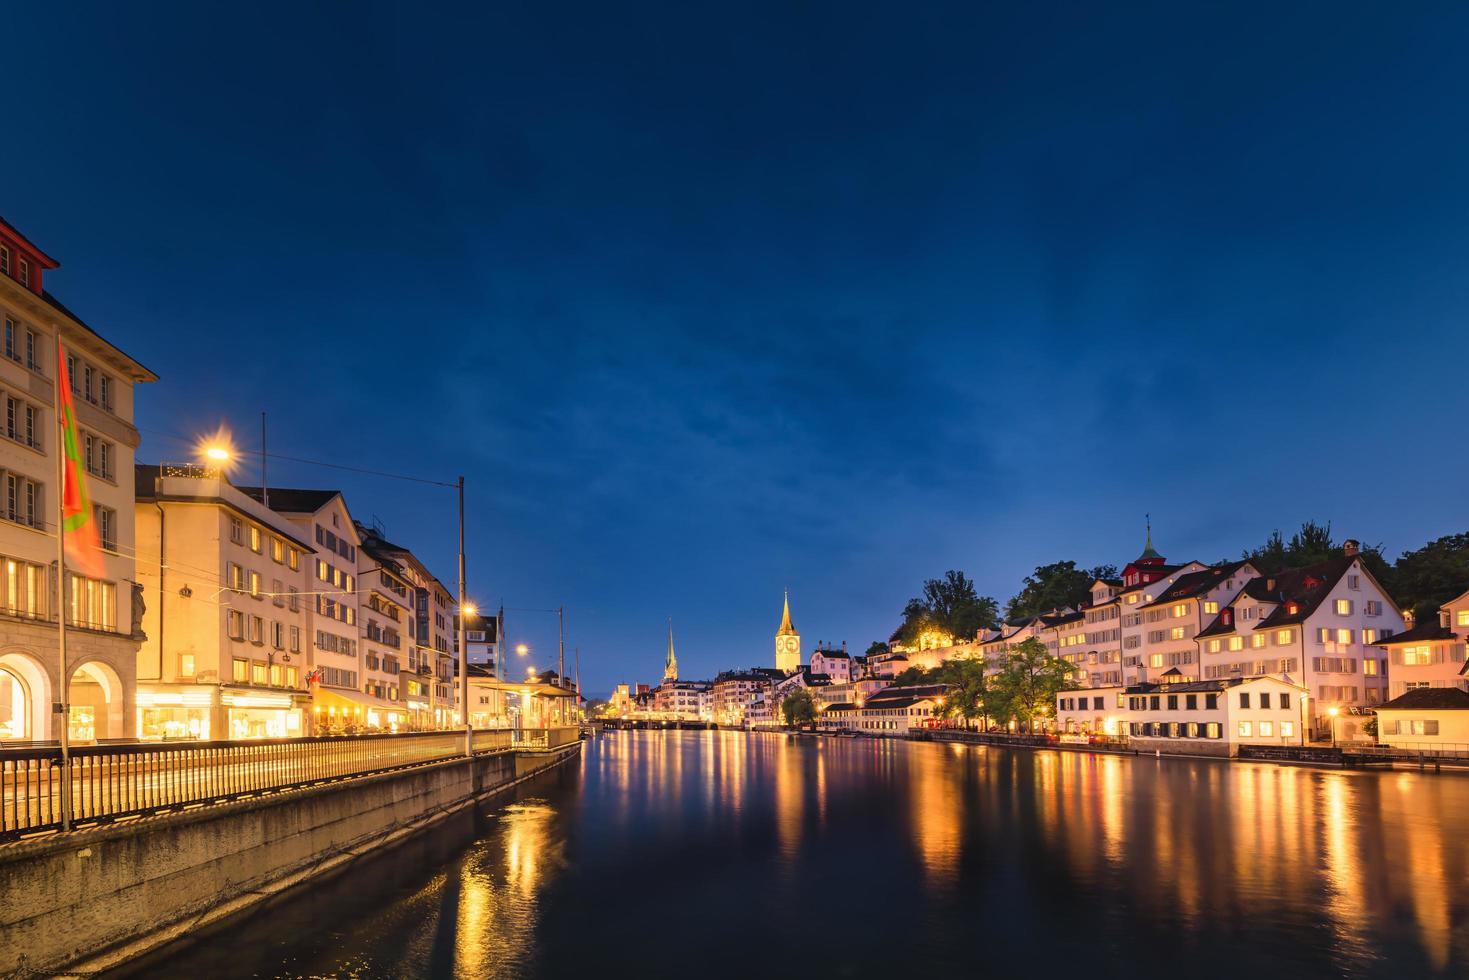 paisaje urbano de zurich, suiza foto